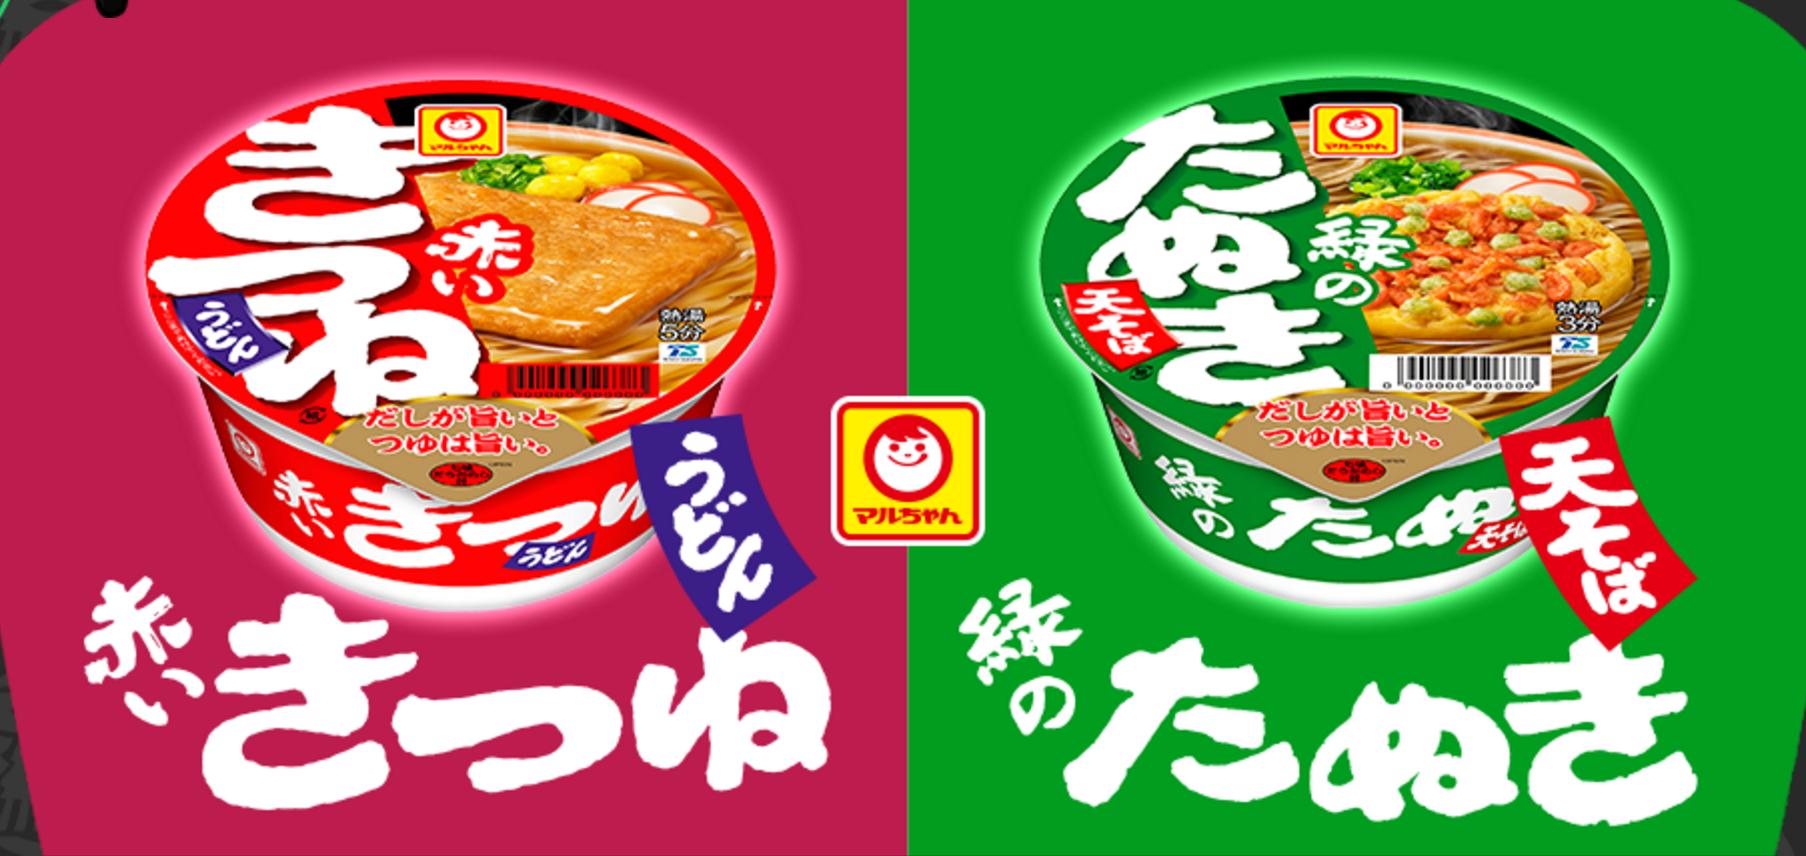 スプラトゥーン第9回フェス「赤いきつねと緑のたぬきどっちが好き?」が開催!